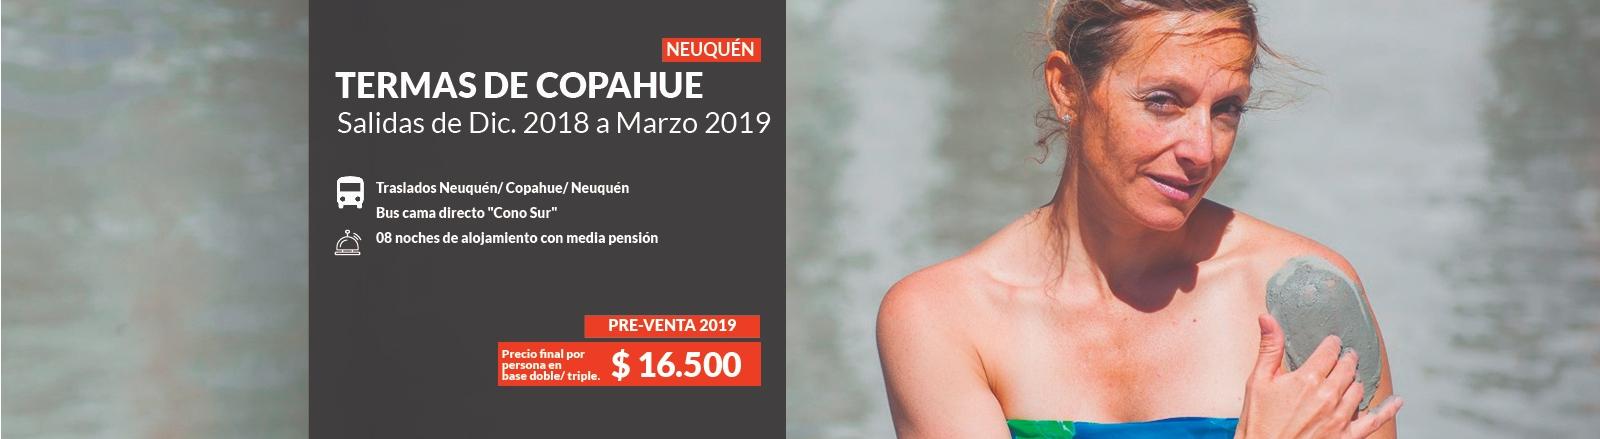 Pre venta Copahue 2019